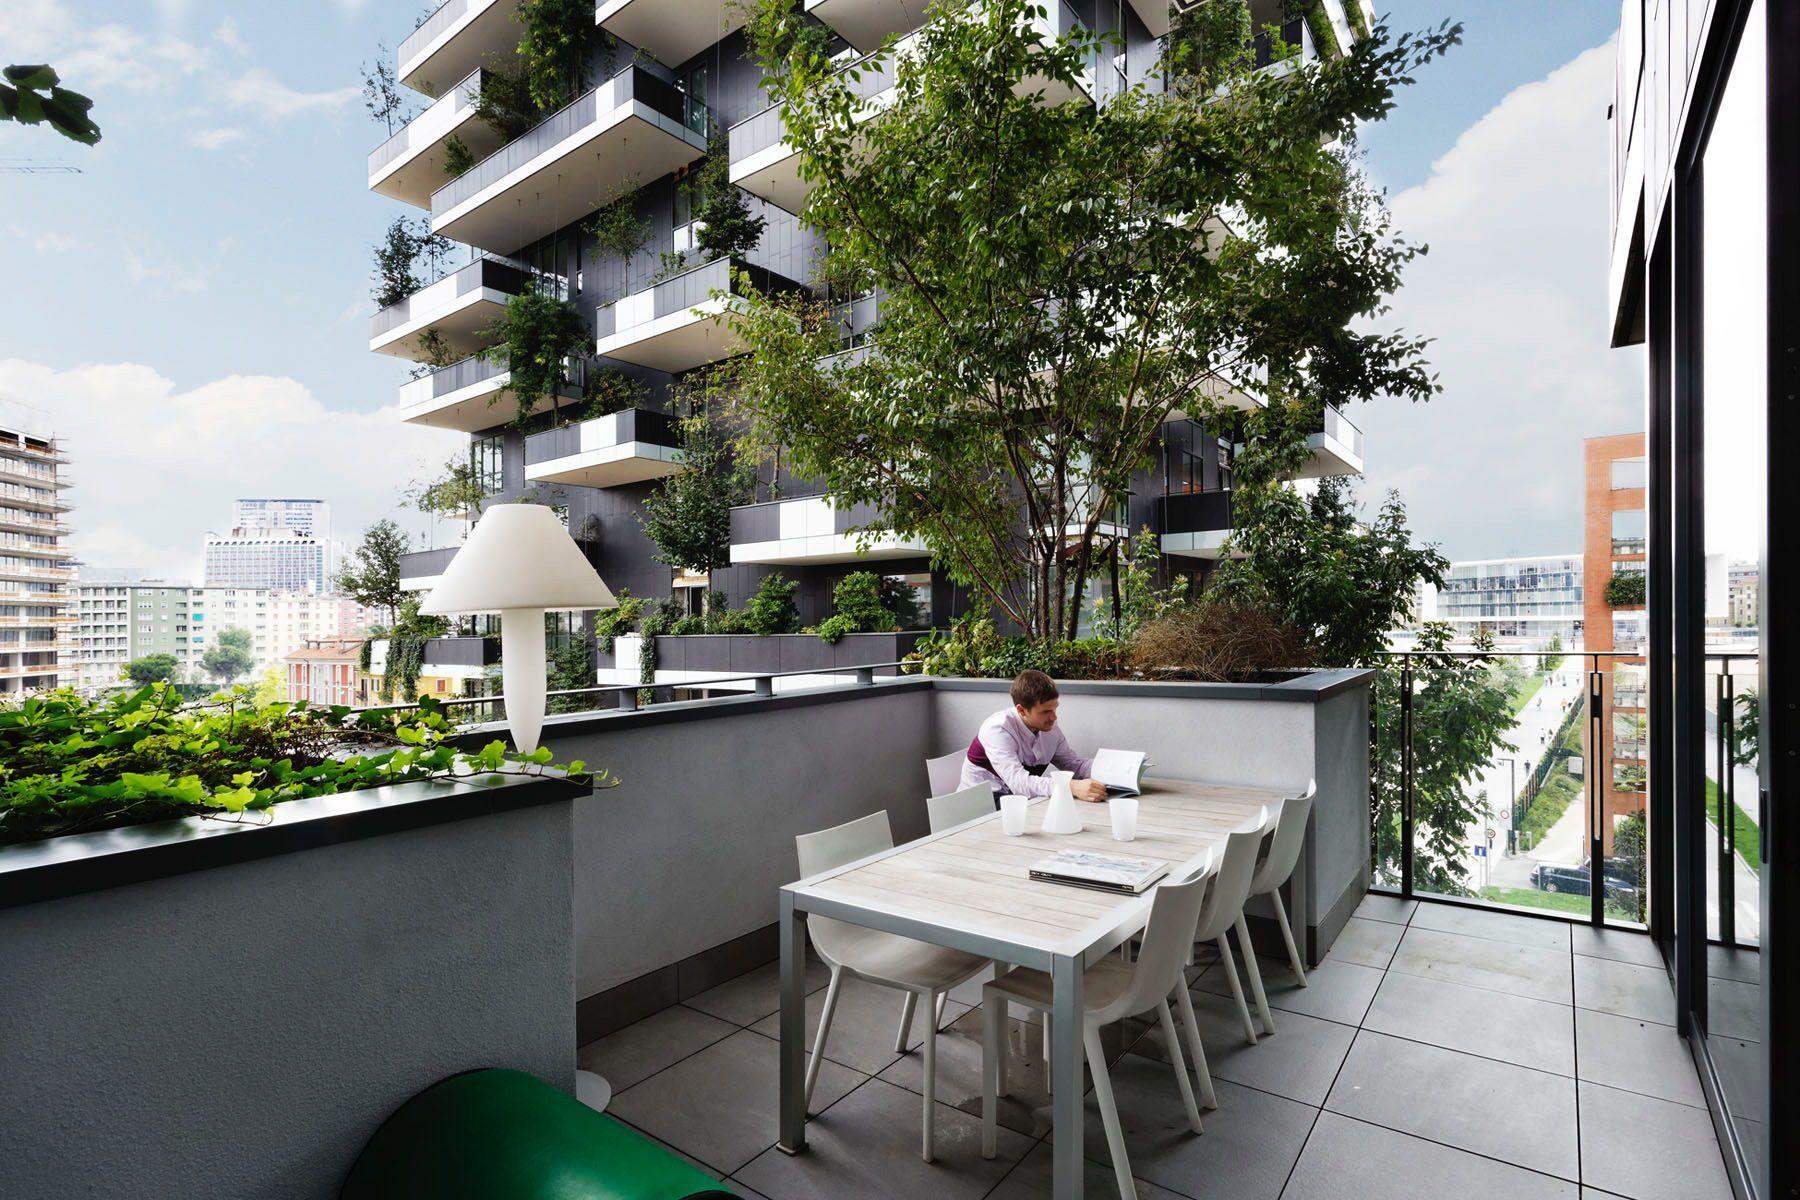 Bosco Verticale Internationaler Hochhaus Preis 2014 Geht Nach Mailand Grune Architektur Dachbegrunung Architektur